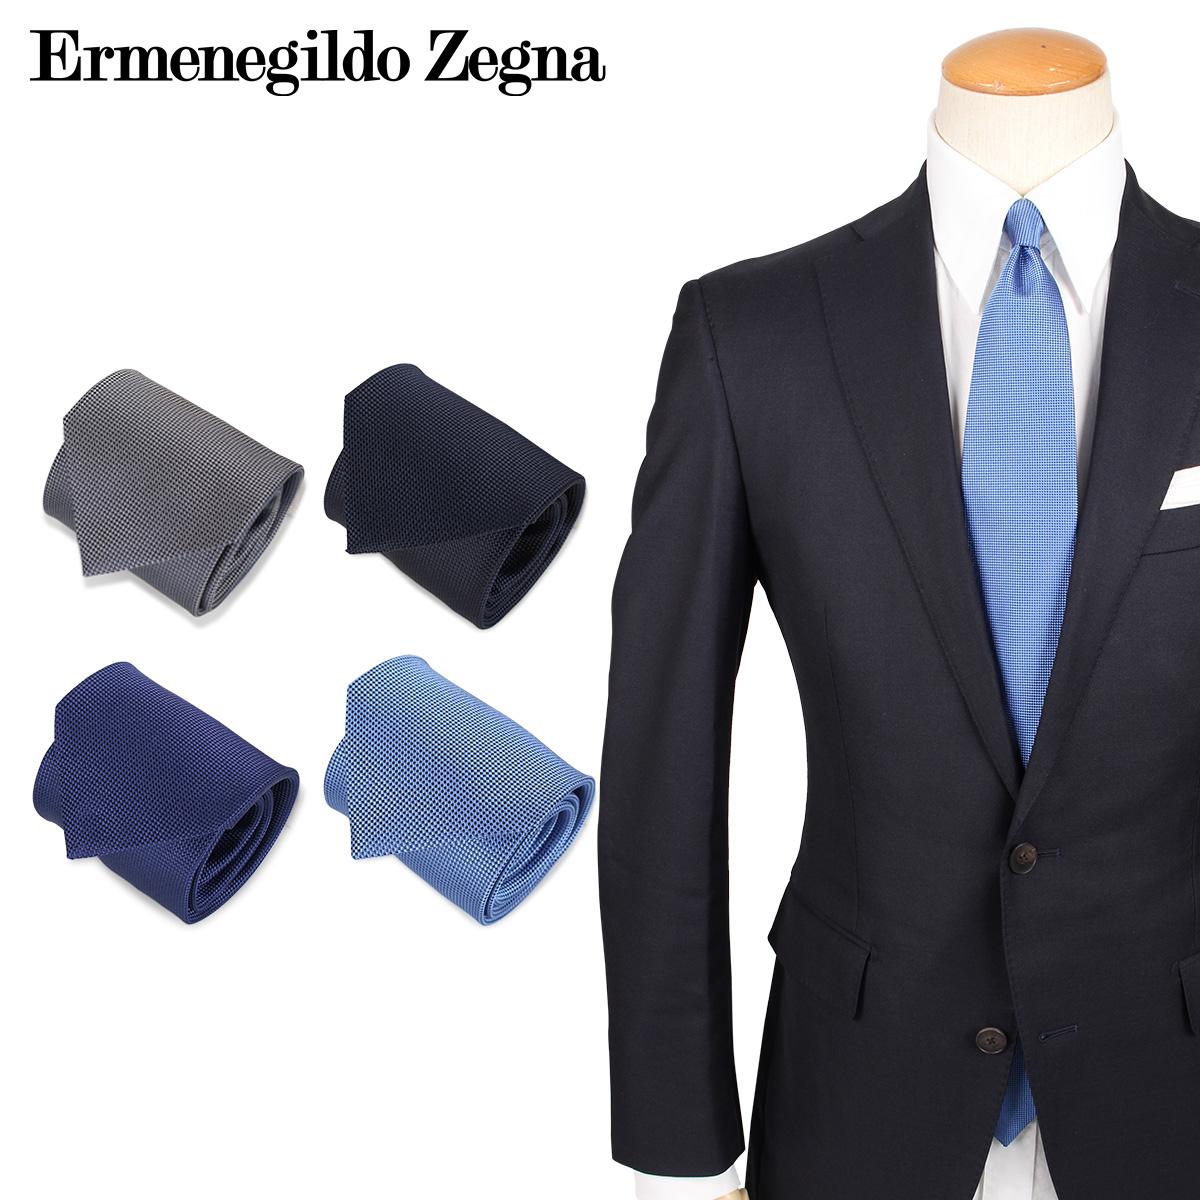 エルメネジルドゼニア Ermenegildo Zegna ネクタイ メンズ イタリア製 TIE